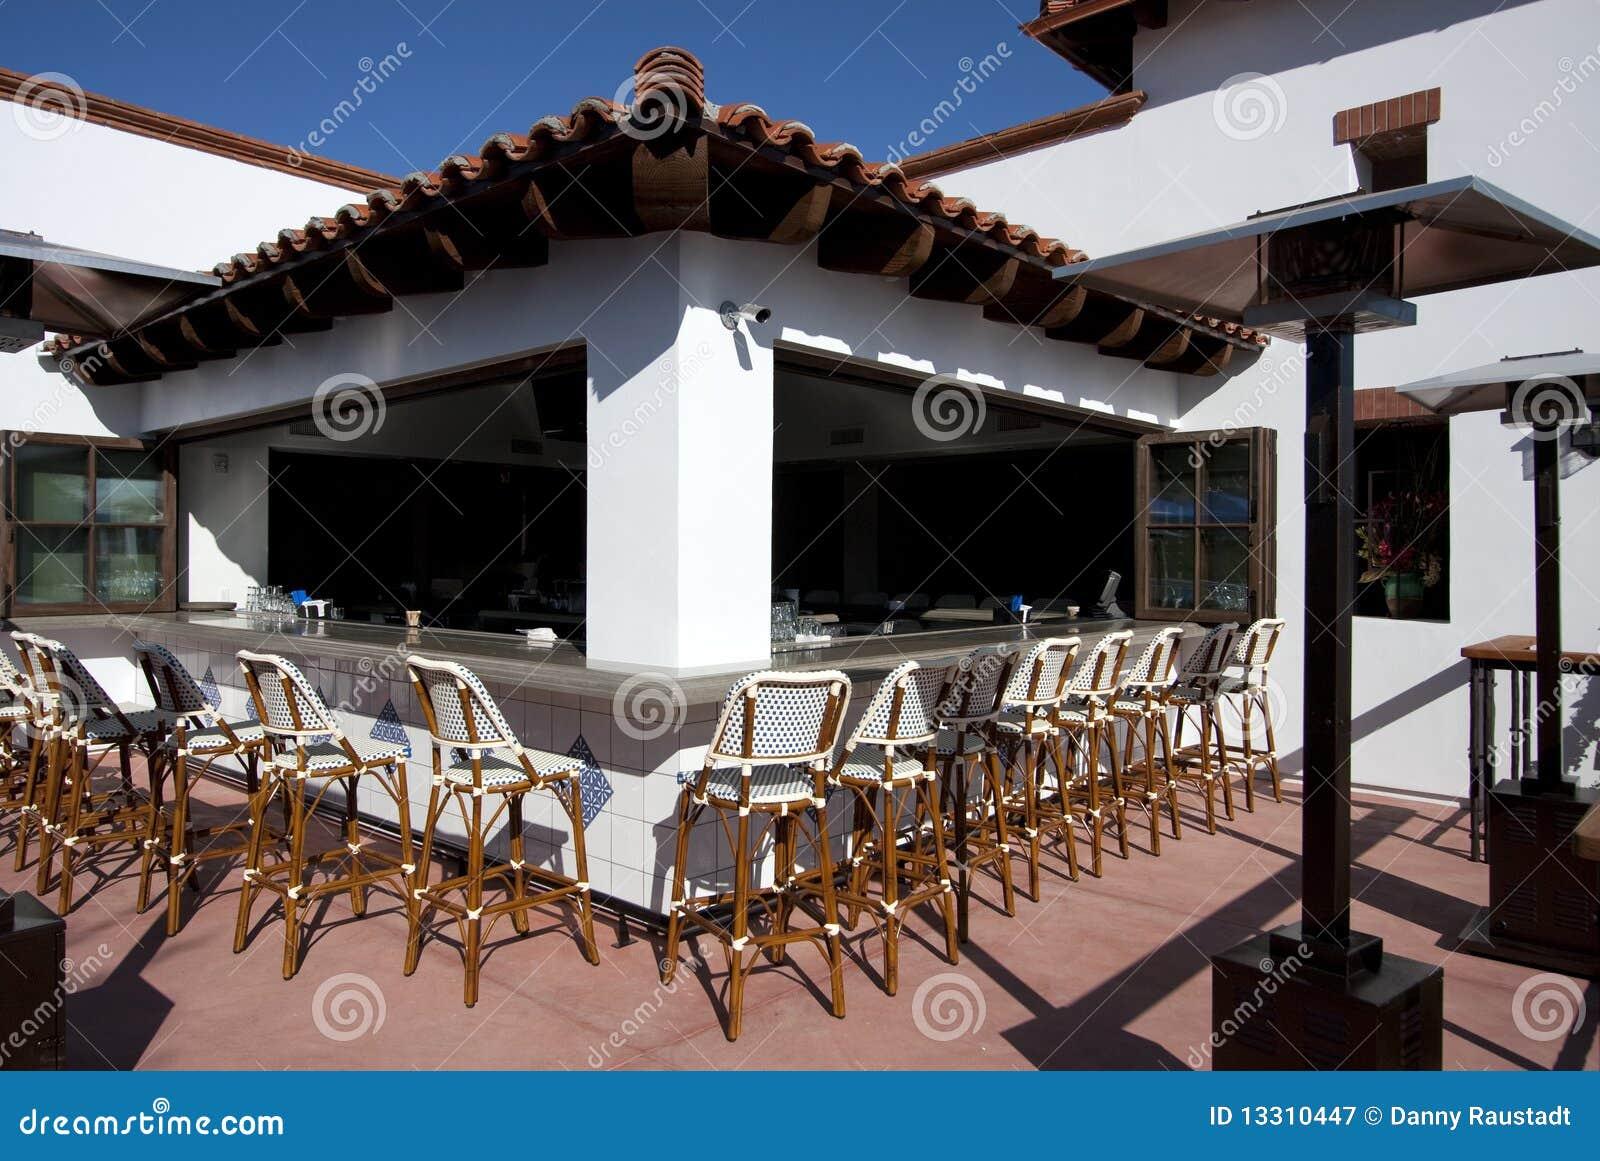 Barra al aire libre del restaurante del coctel del patio for Barra de bar exterior